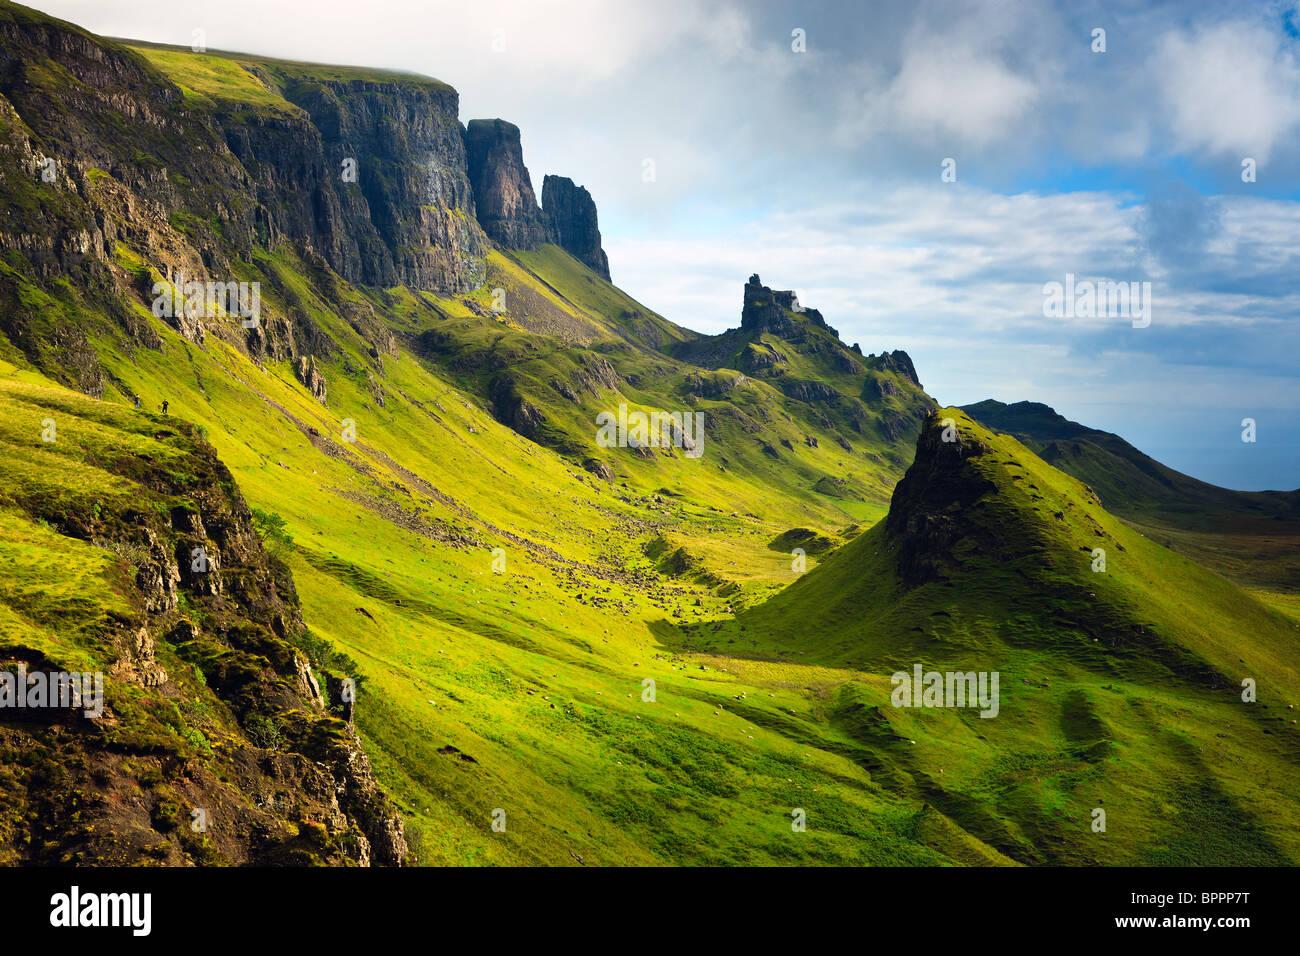 Blick auf das Quiraing, Isle of Skye, Schottland Stockbild